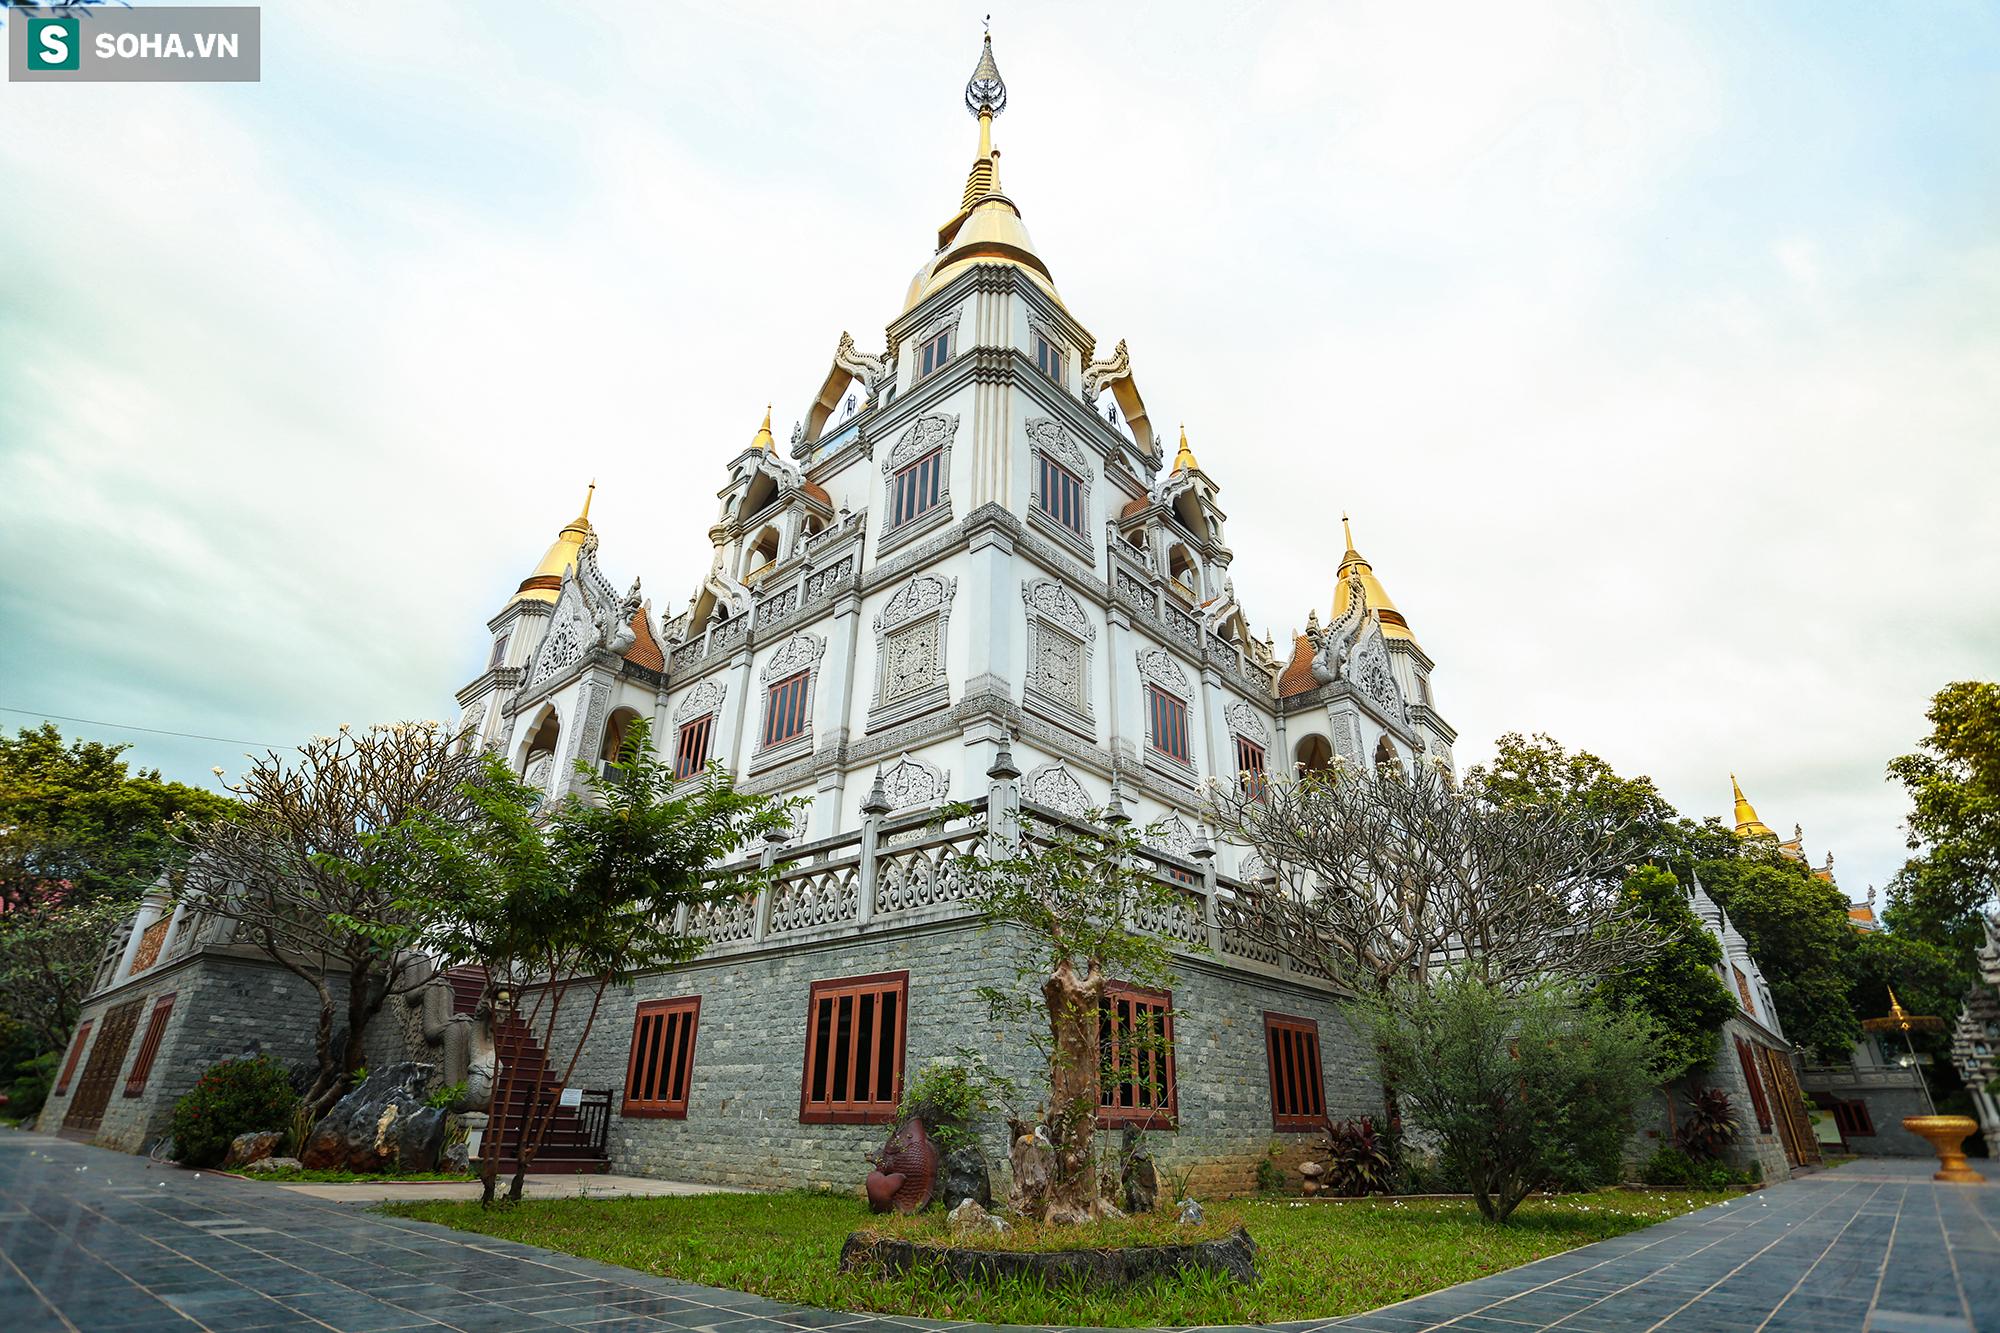 [Ảnh] Ngắm vẻ đẹp huyền bí của ngôi chùa lọt top đẹp nhất thế giới tọa lạc tại TP.Thủ Đức - Ảnh 9.